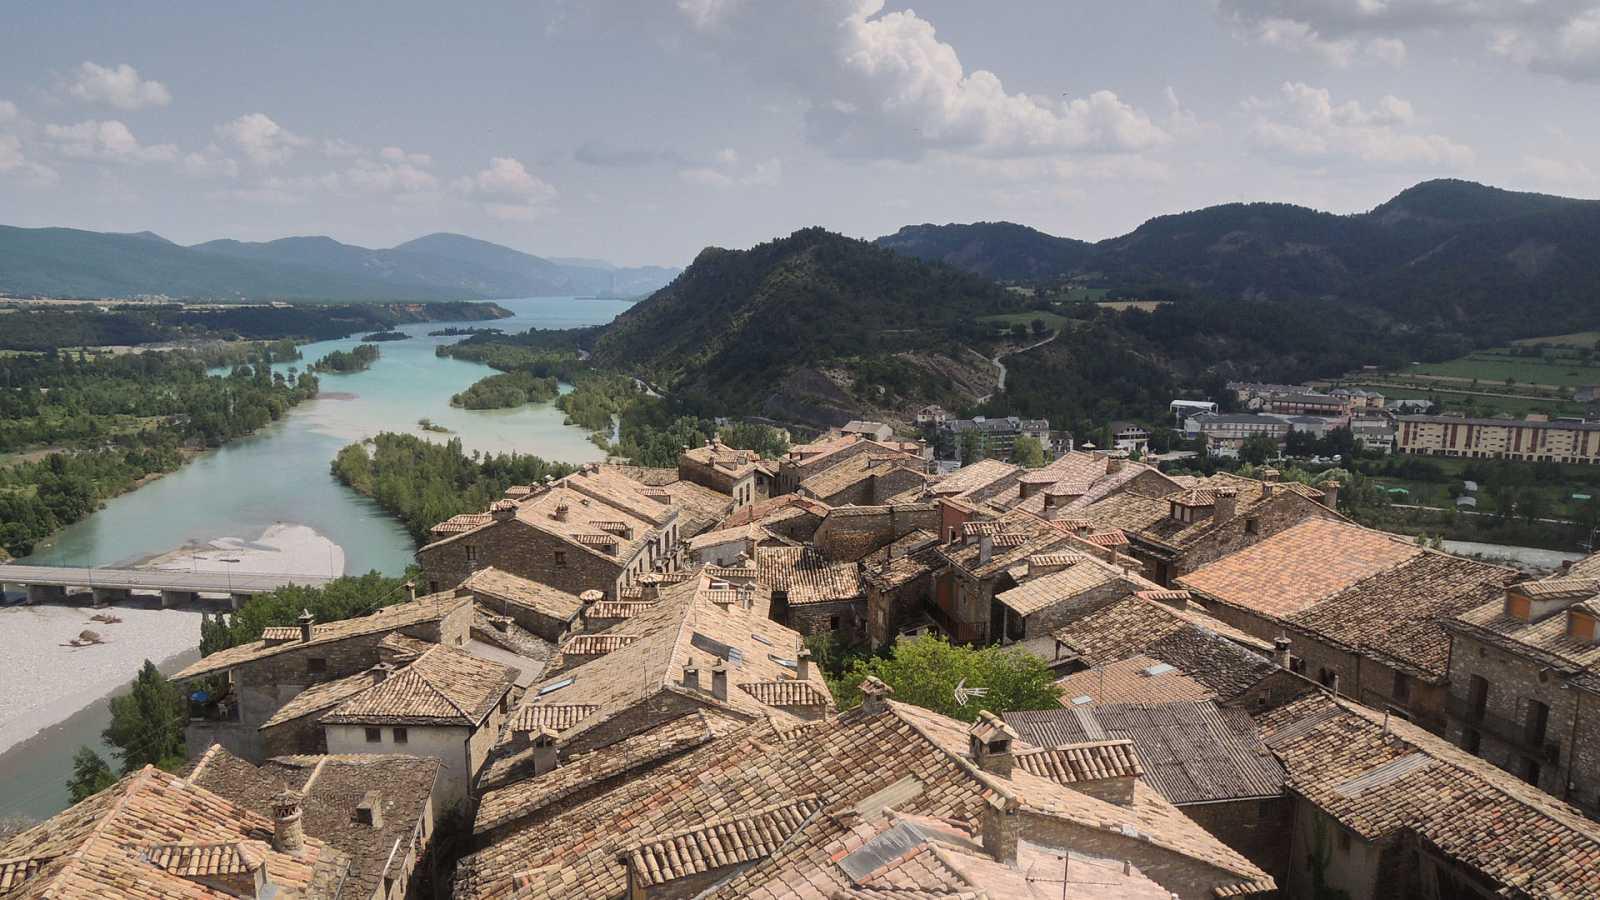 Precipitaciones que podrían ser localmente persistentes a primeras horas al sur de Pirineos - ver ahora